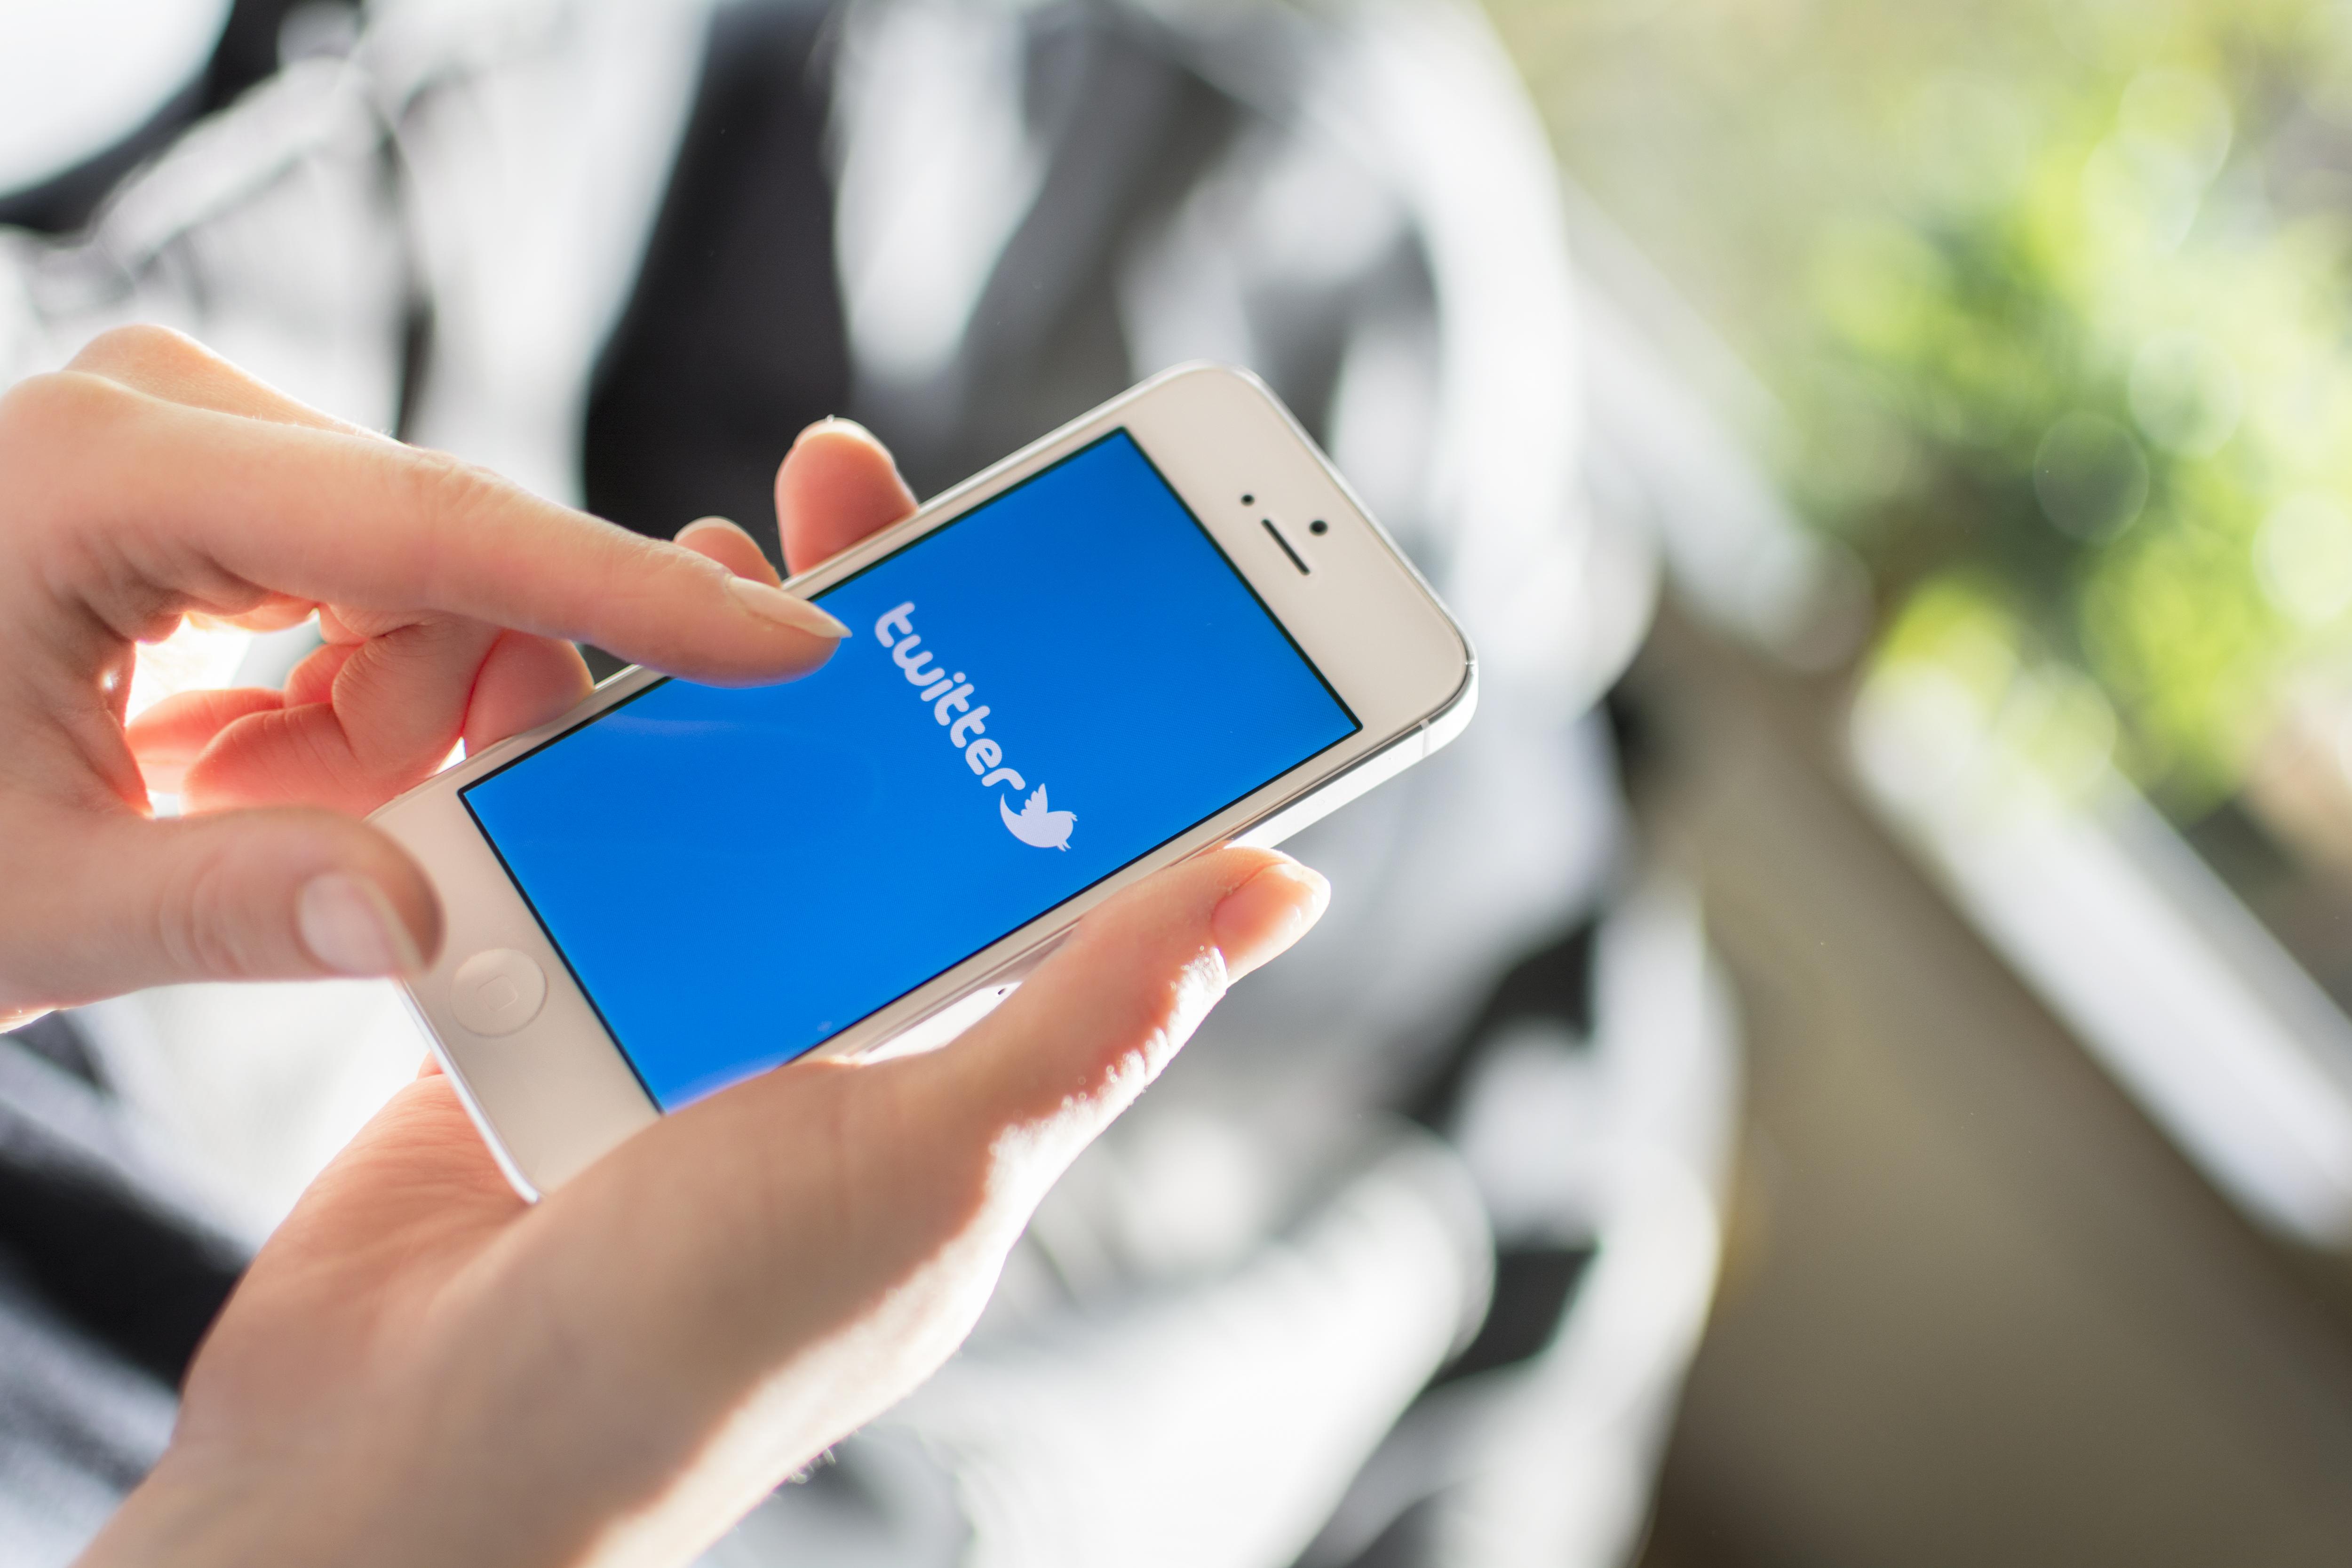 Глава Twitter: соцсеть не может повлиять на выборы в США